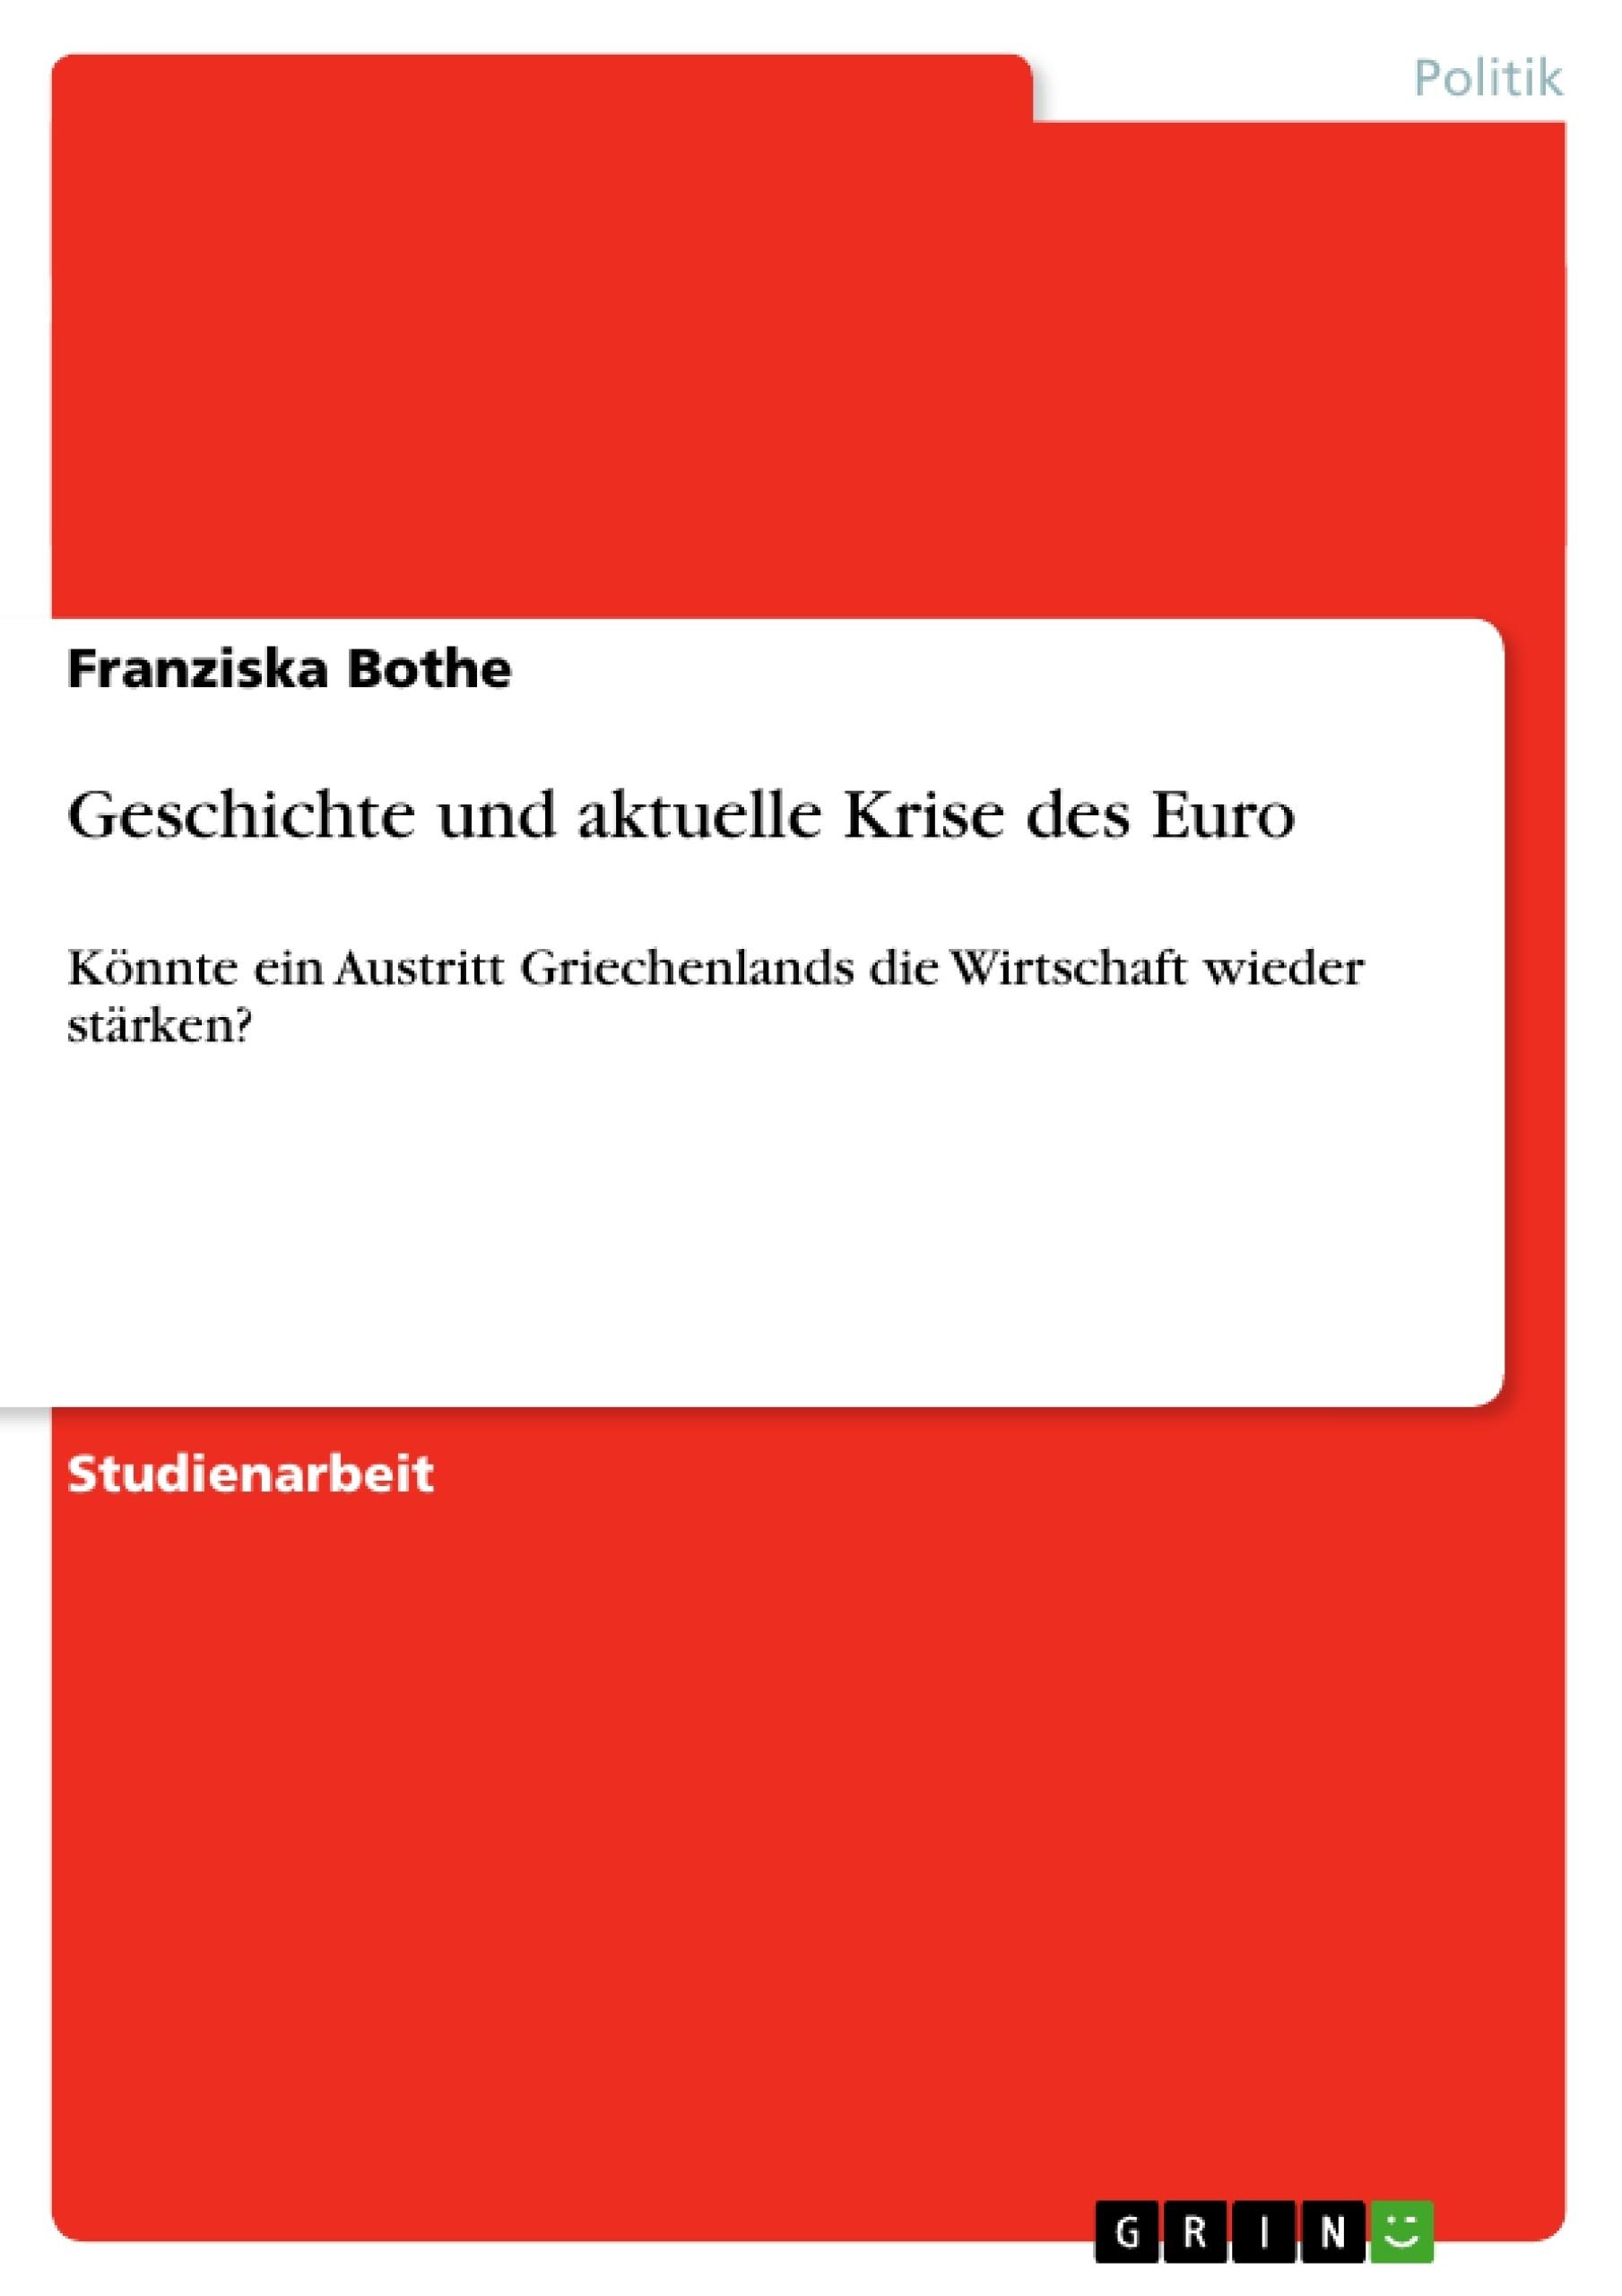 Titel: Geschichte und aktuelle Krise des Euro